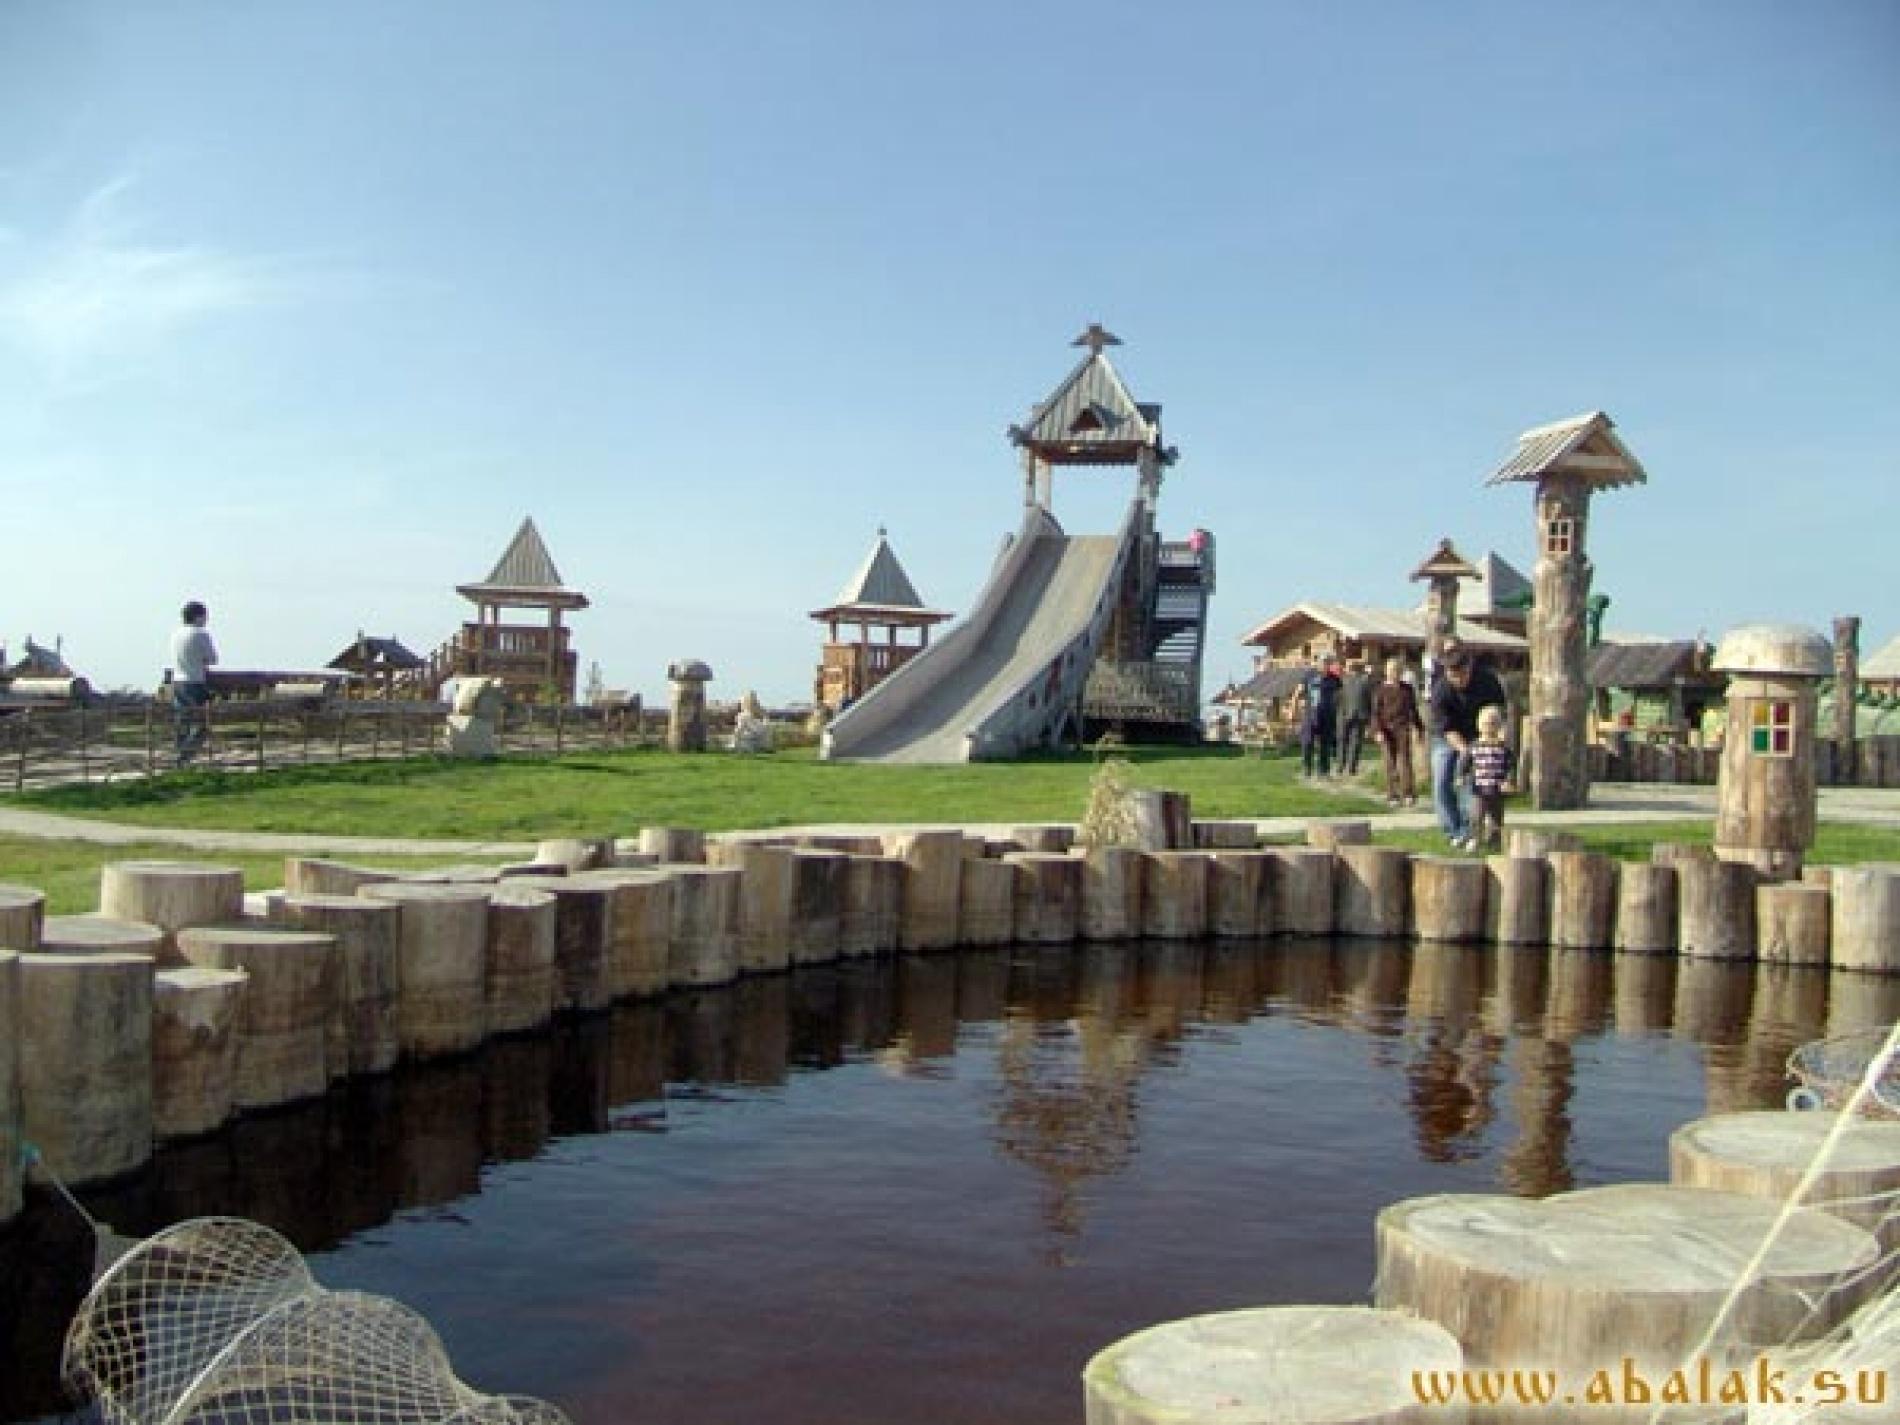 """База отдыха """"Абалак"""" Тюменская область, фото 15"""